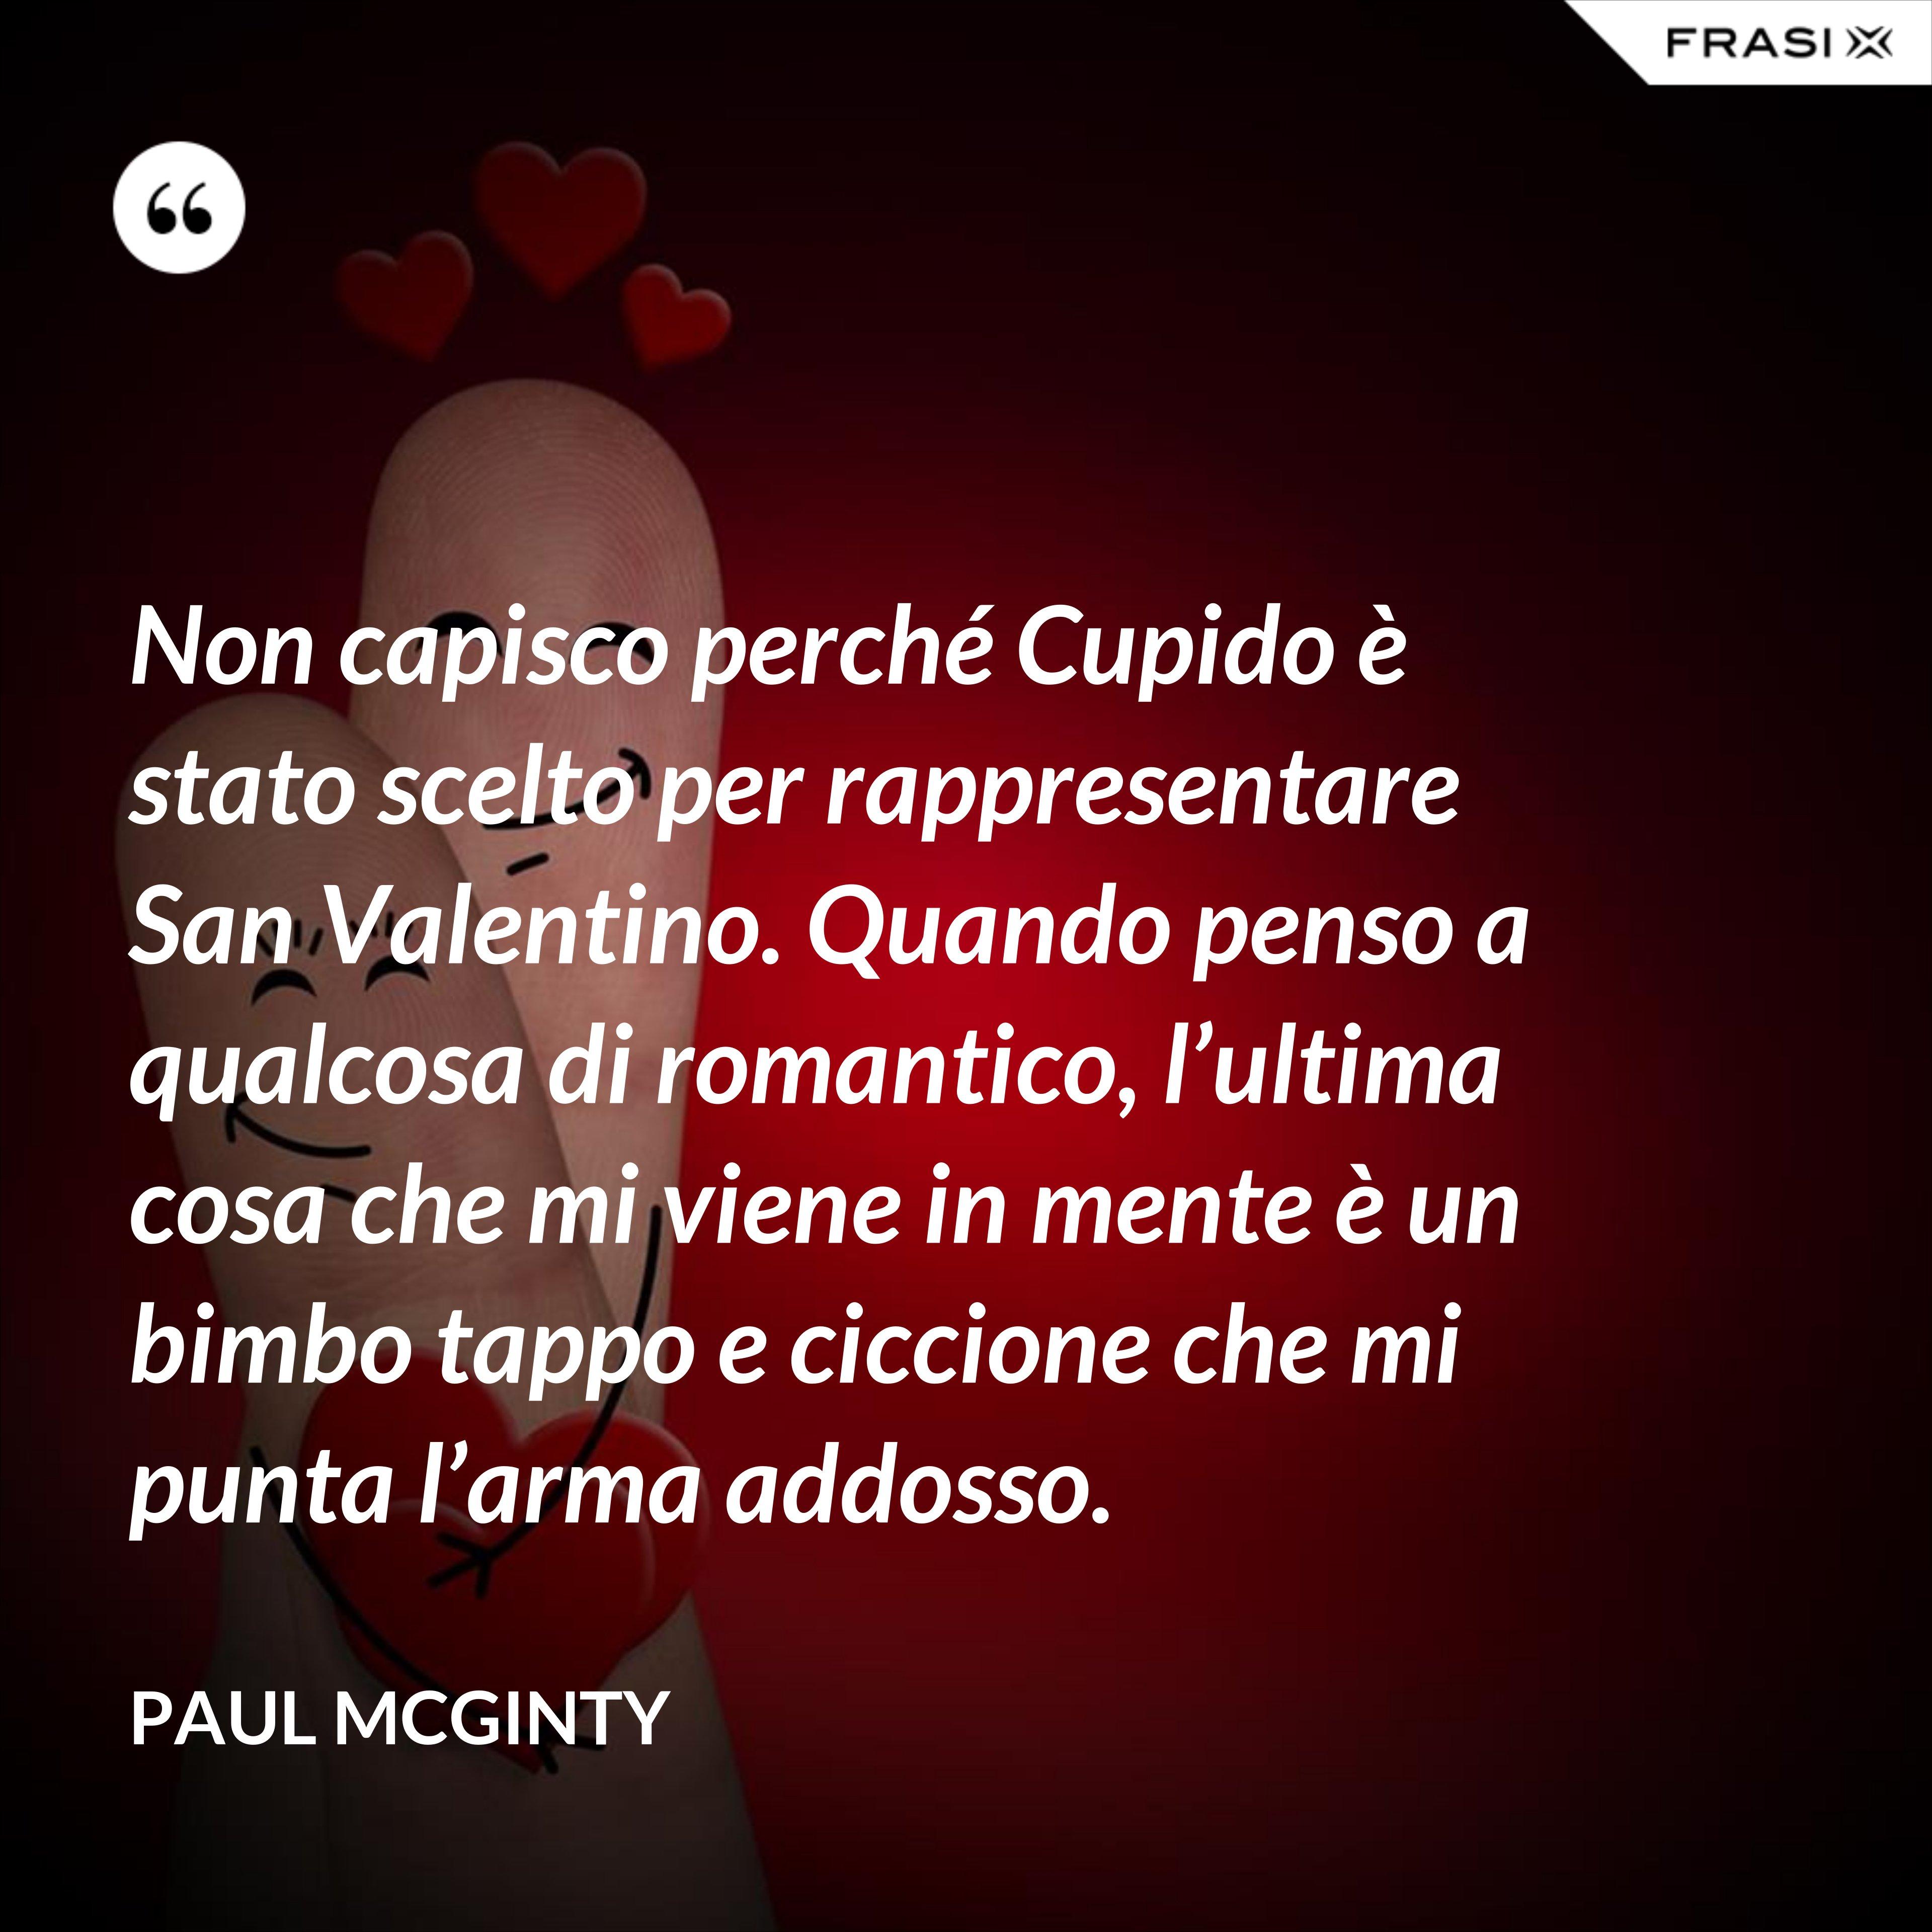 Non capisco perché Cupido è stato scelto per rappresentare San Valentino. Quando penso a qualcosa di romantico, l'ultima cosa che mi viene in mente è un bimbo tappo e ciccione che mi punta l'arma addosso. - Paul McGinty